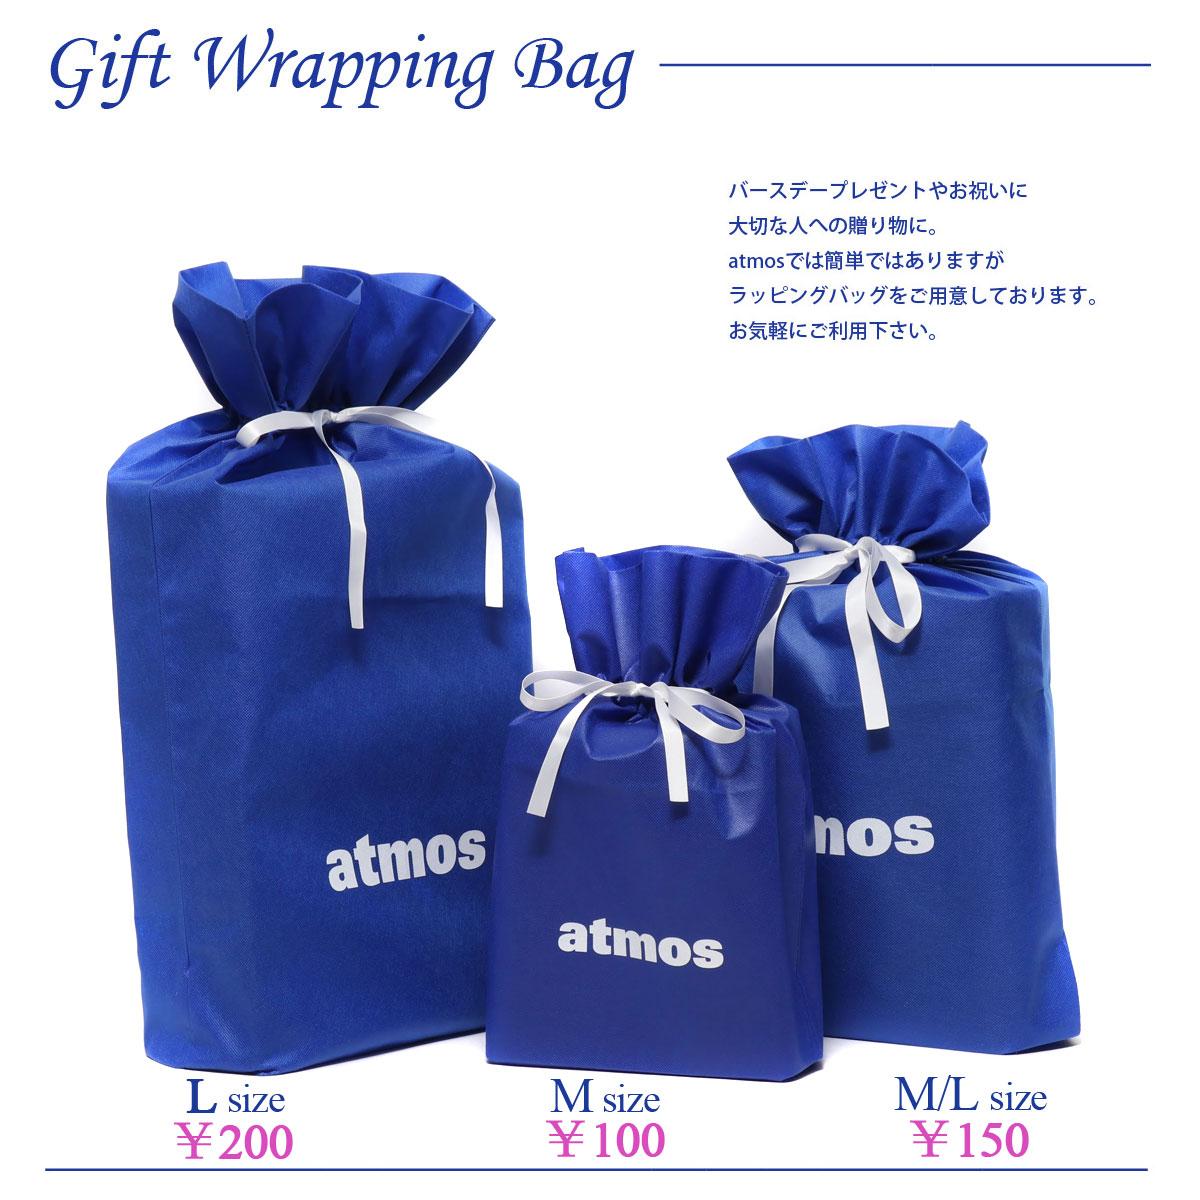 バッグ・小物・ブランド雑貨, その他 atmos Gift Wrapping Bag(ML) ( ) BLUE